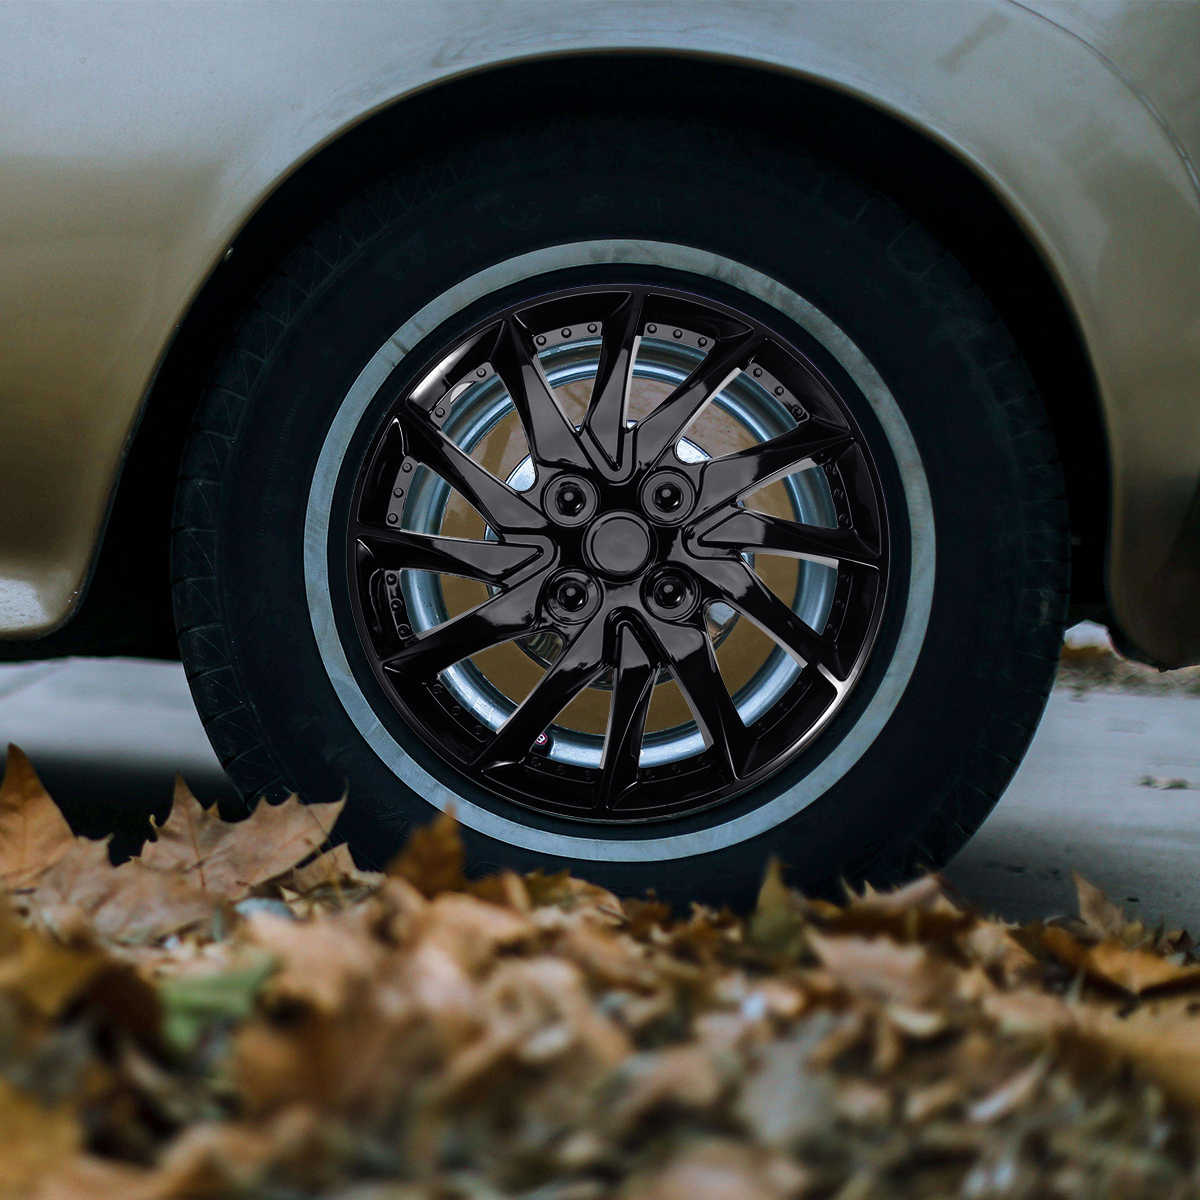 Since 4 Piezas 68 mm Cubiertas de Cubo de Rueda Cubierta Central Accesorios para autom/óviles Auto Continental dise/ñado Jeep